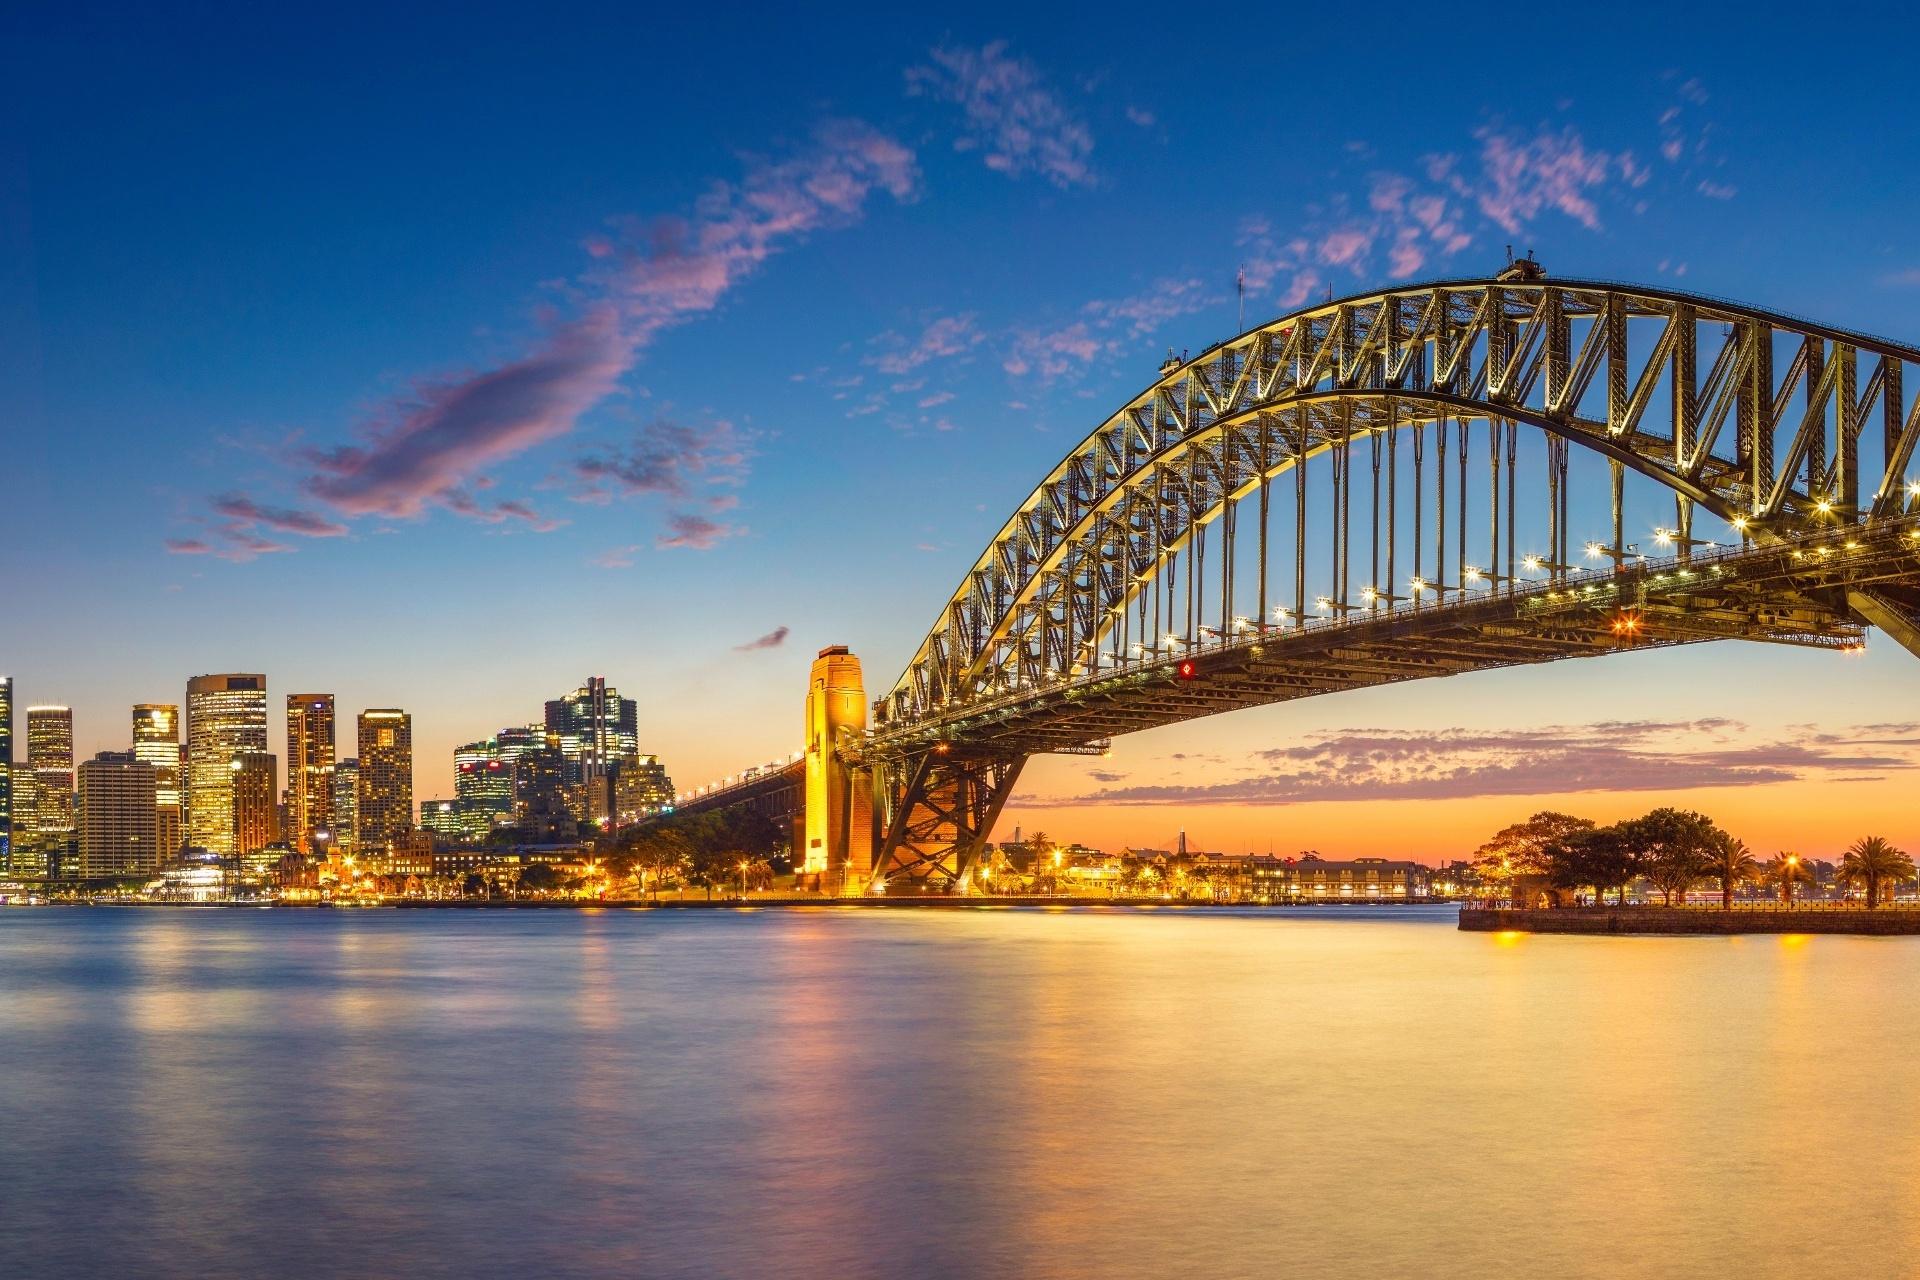 夕暮れのハーバーブリッジ シドニー オーストラリア